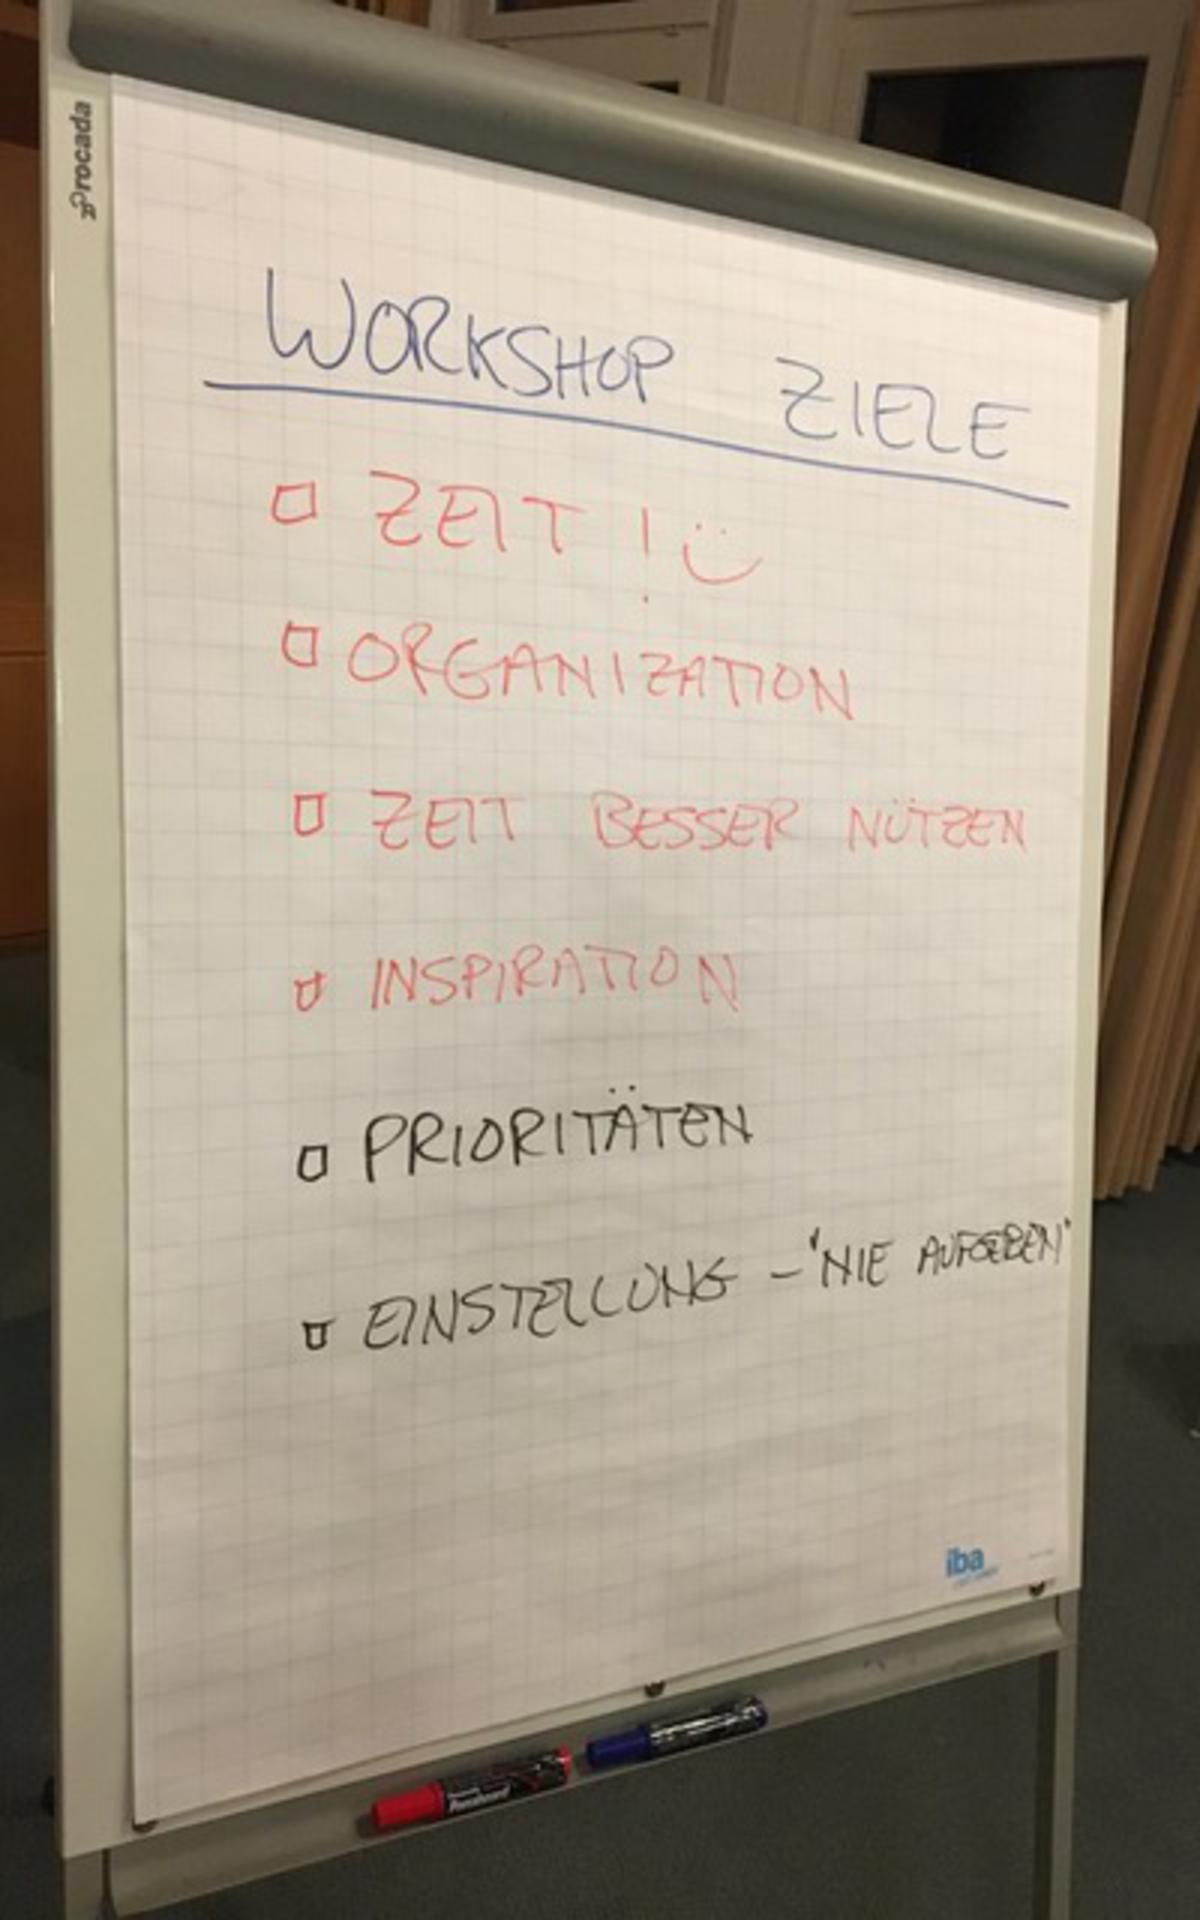 einige der Diskussionspunkte des Vortrags